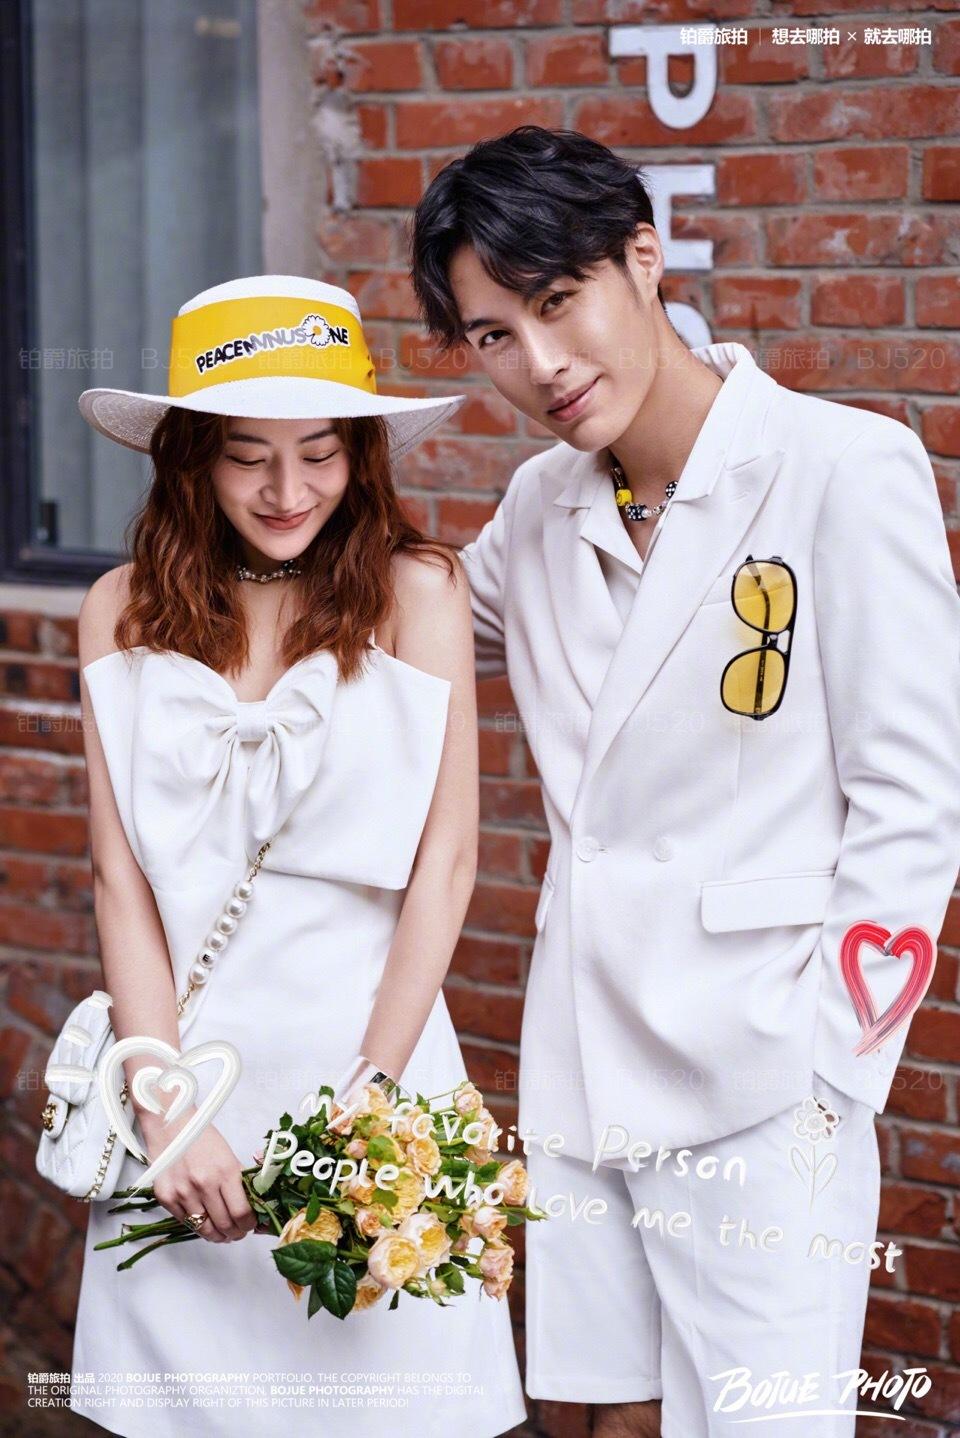 铂爵旅拍婚纱摄影 在北京留下最美的婚纱照纪念